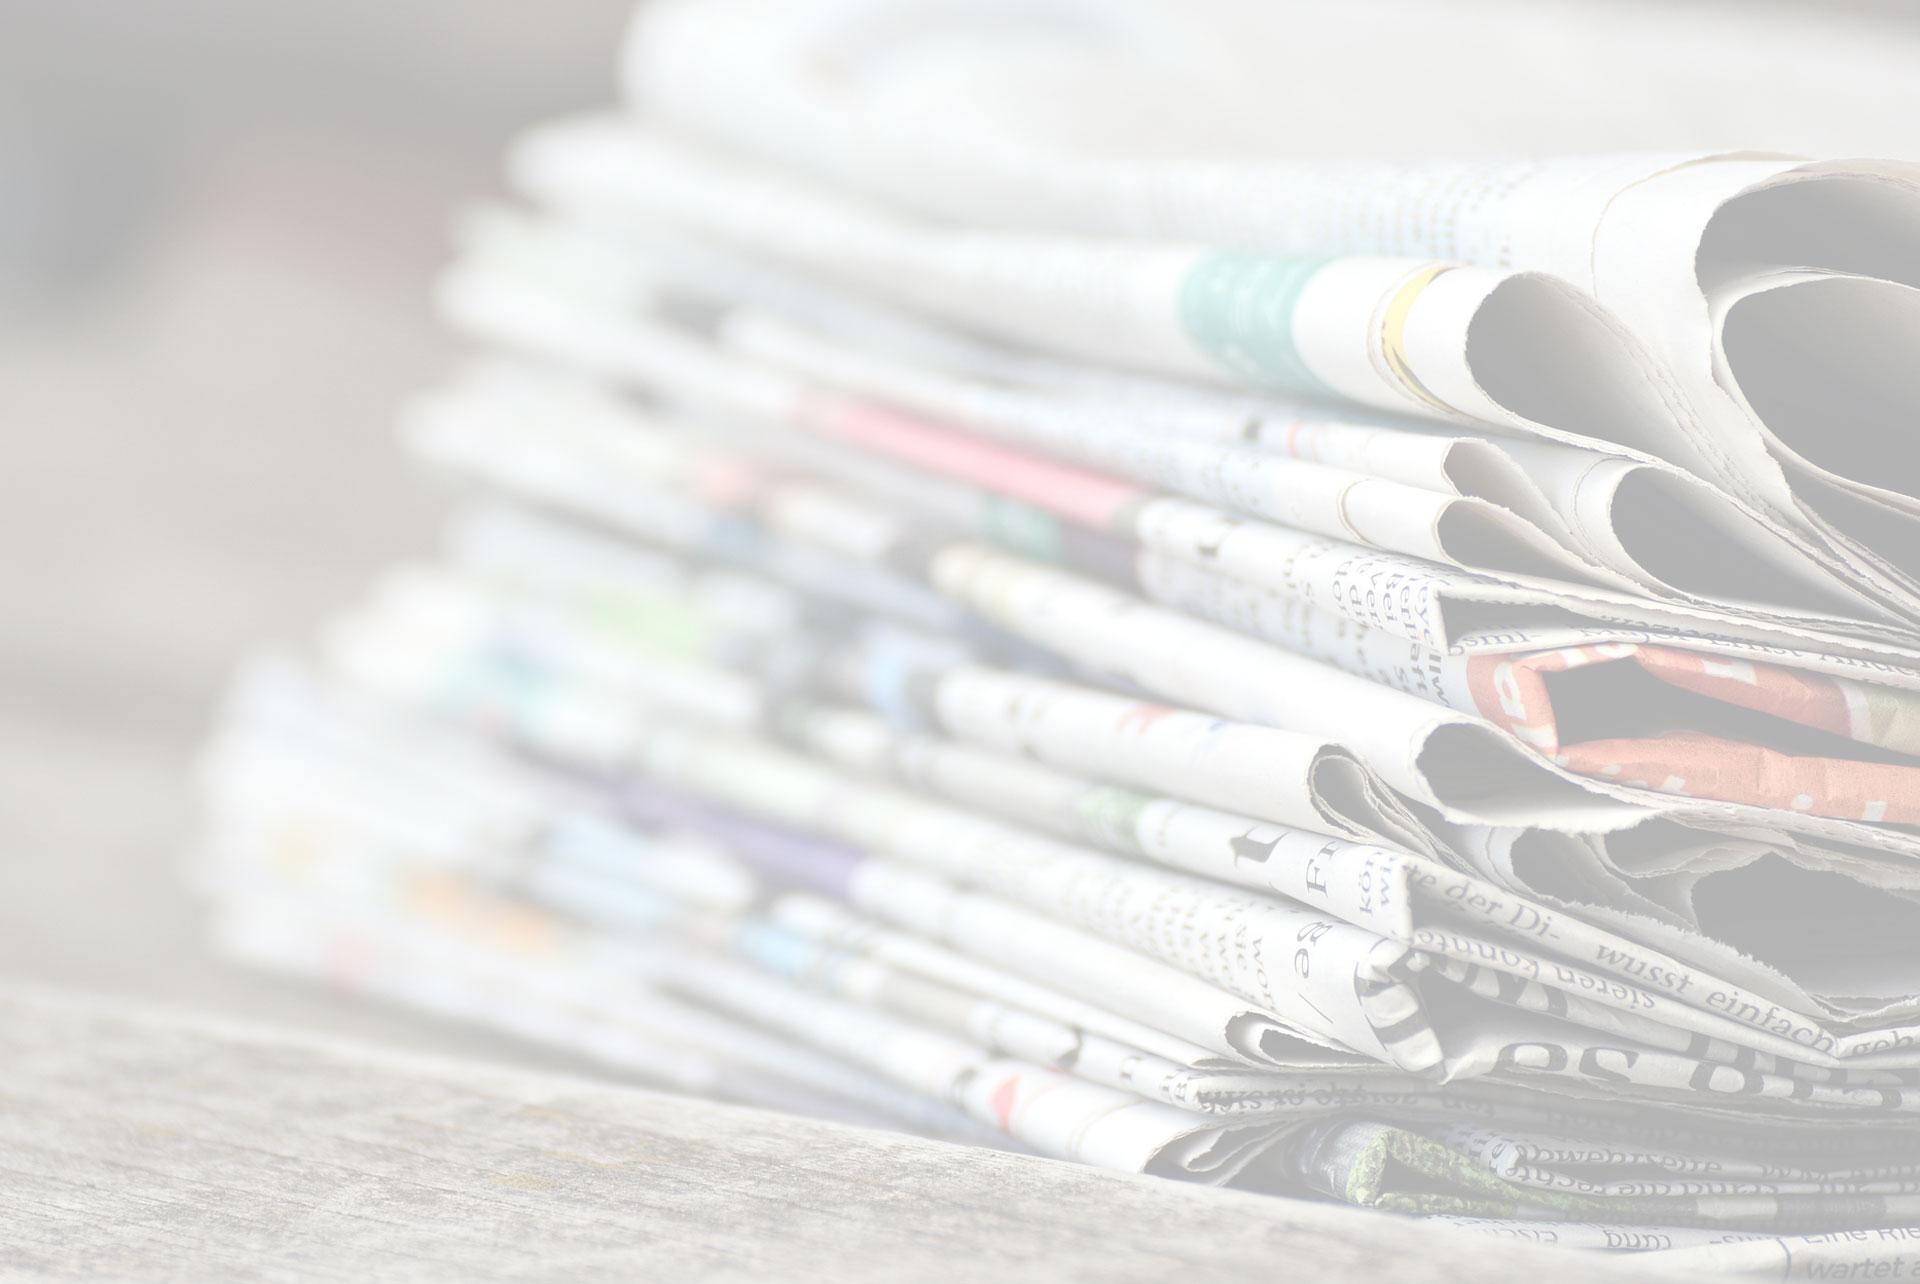 Nereo Rocco e Luciano Chiarugi